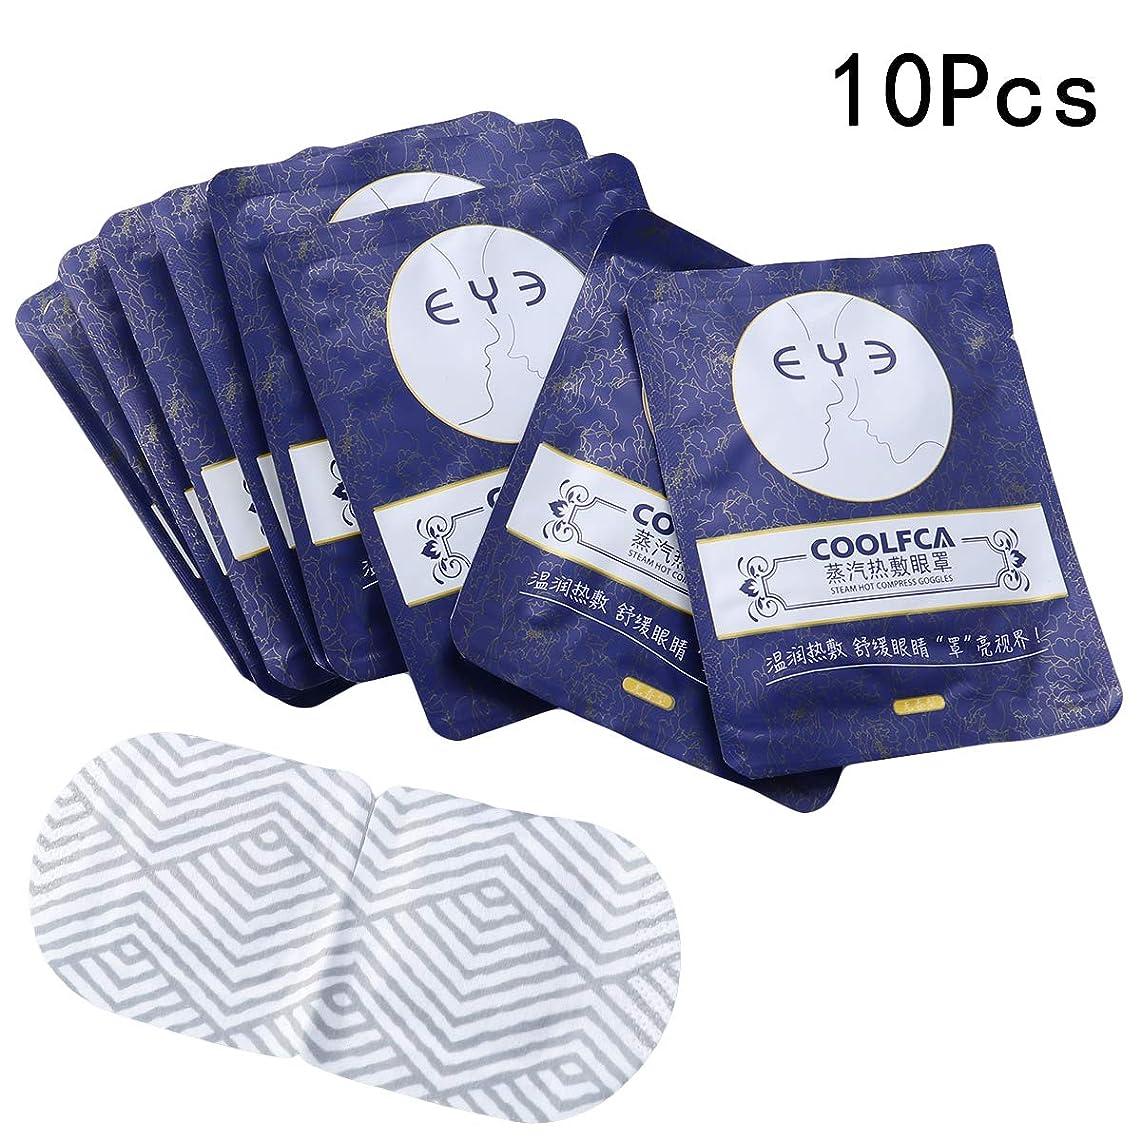 経験的説明的法令Healifty スチームウォーミングアイマスクパッチ使い捨てホットスージングパッド用アイケアスパ無香料10個